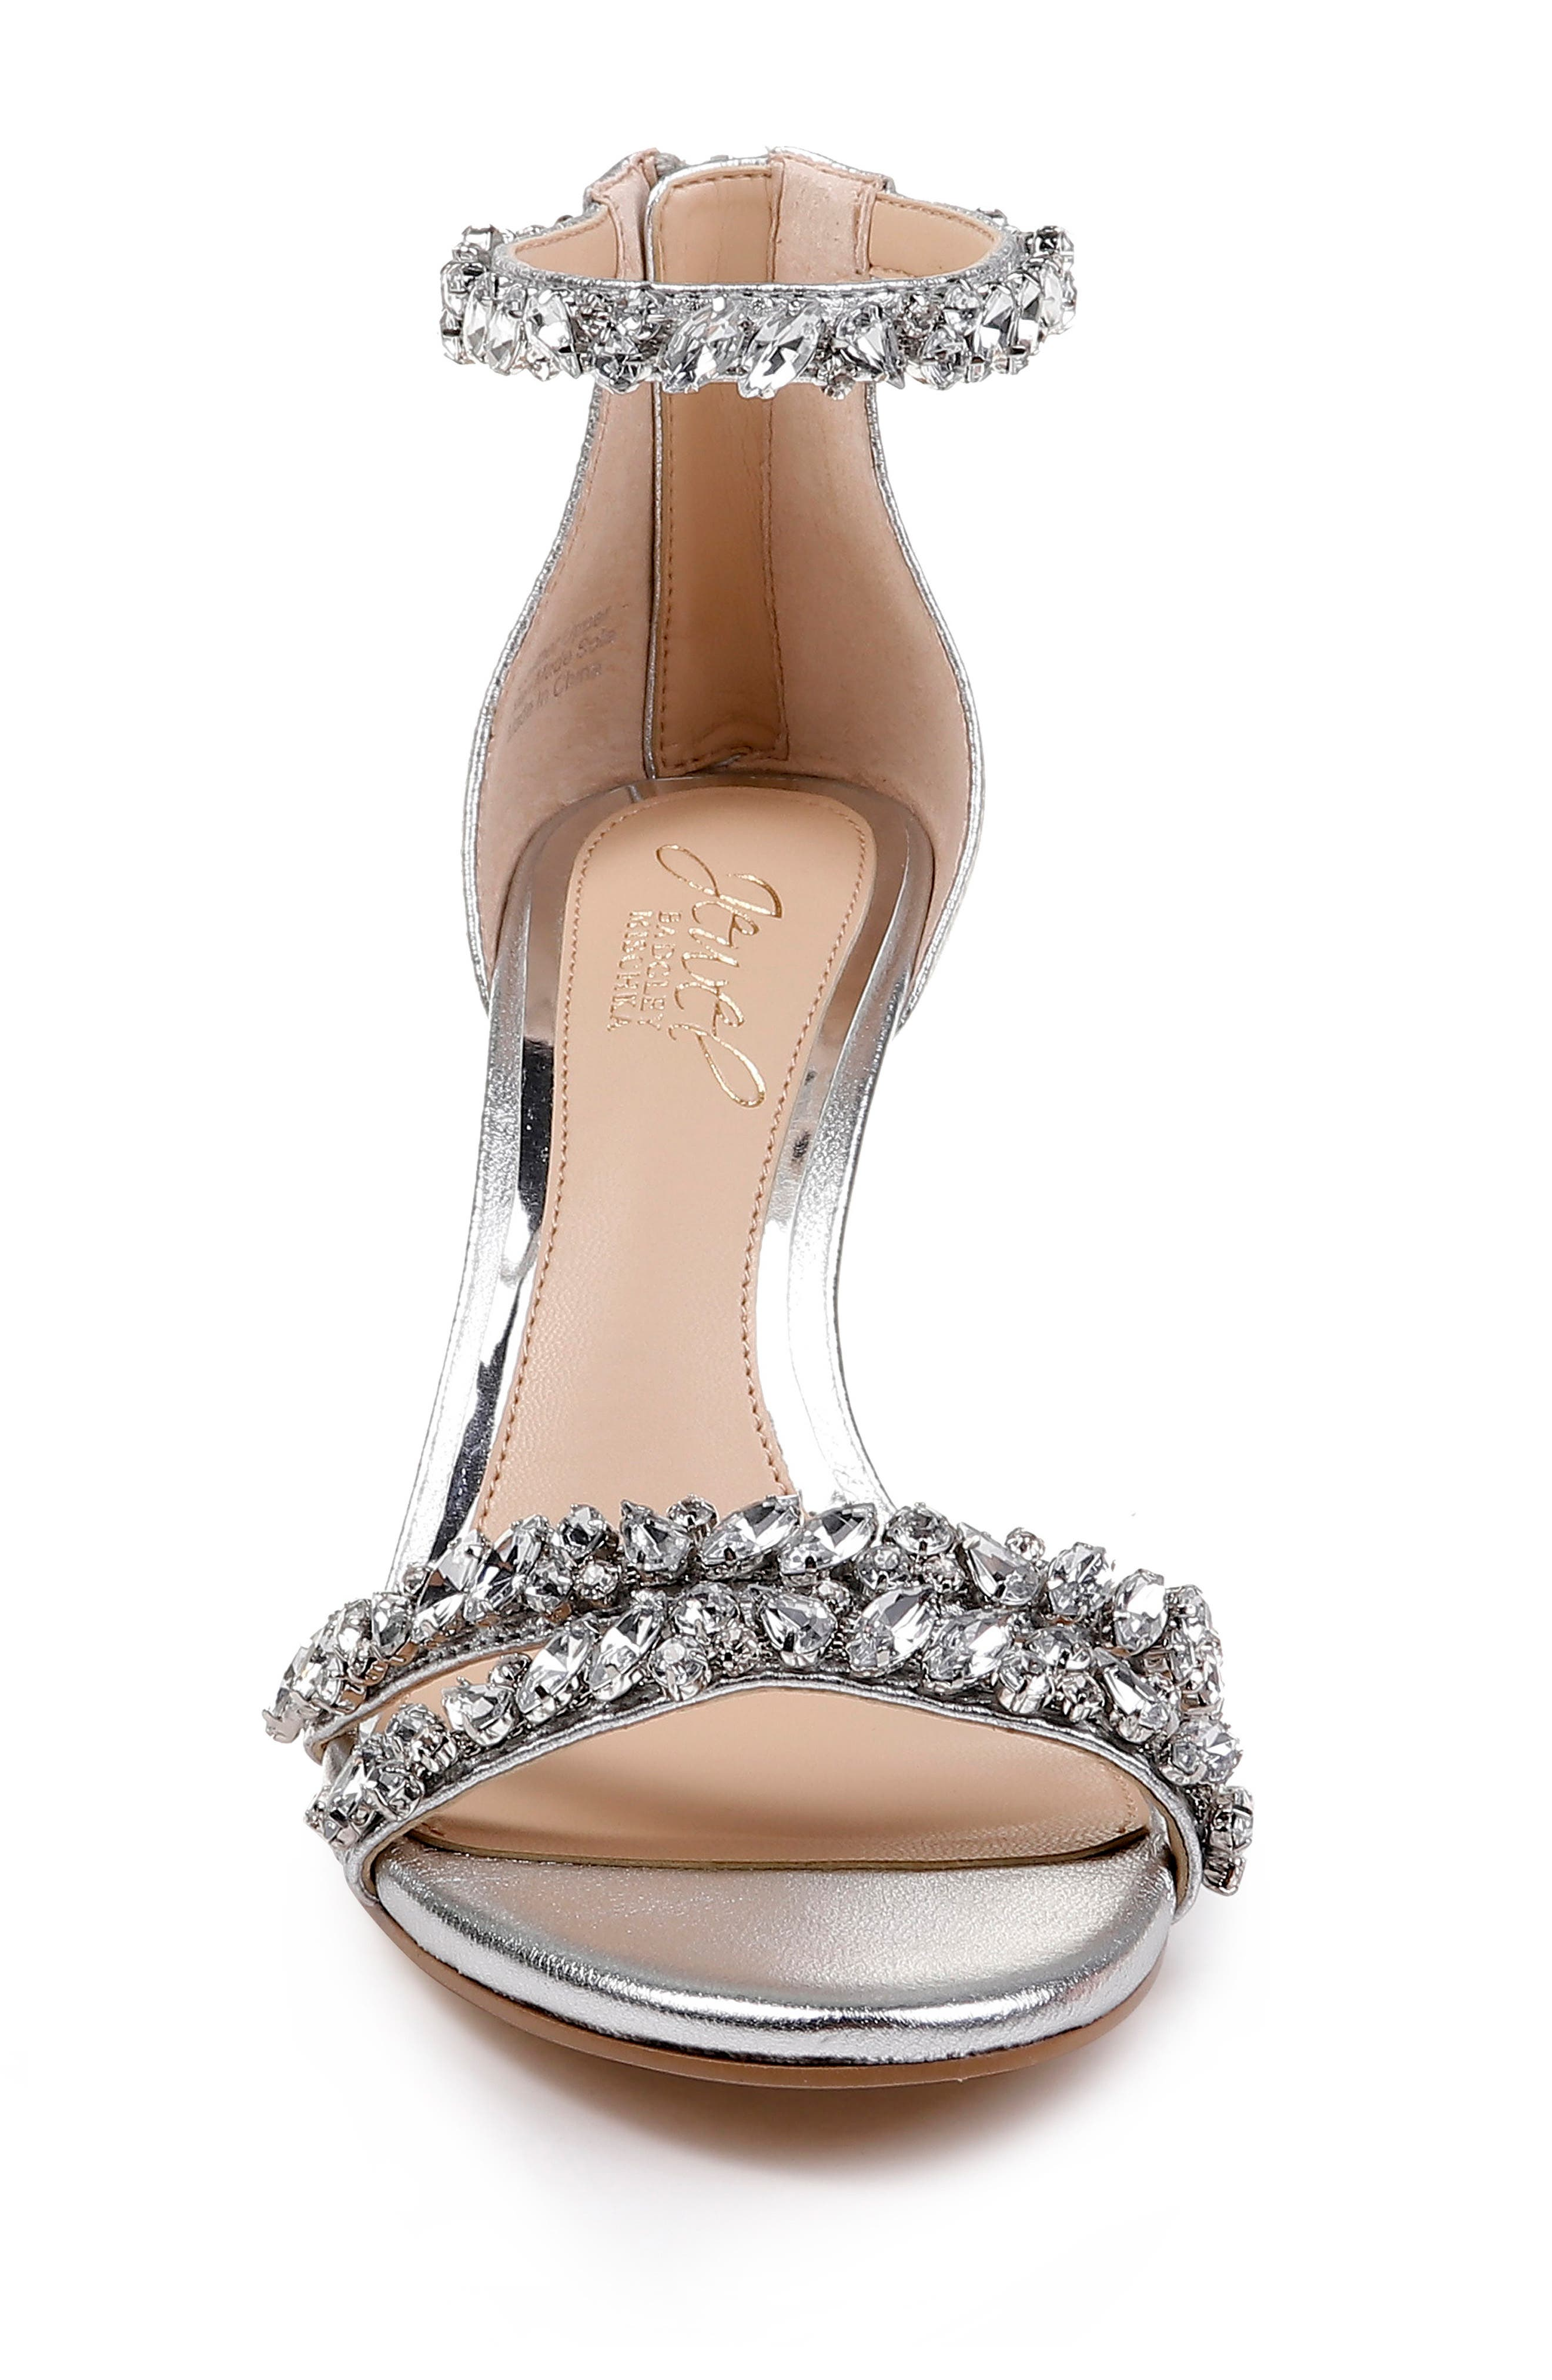 JEWEL BADGLEY MISCHKA, Darlene Embellished Ankle Strap Sandal, Alternate thumbnail 4, color, SILVER LEATHER